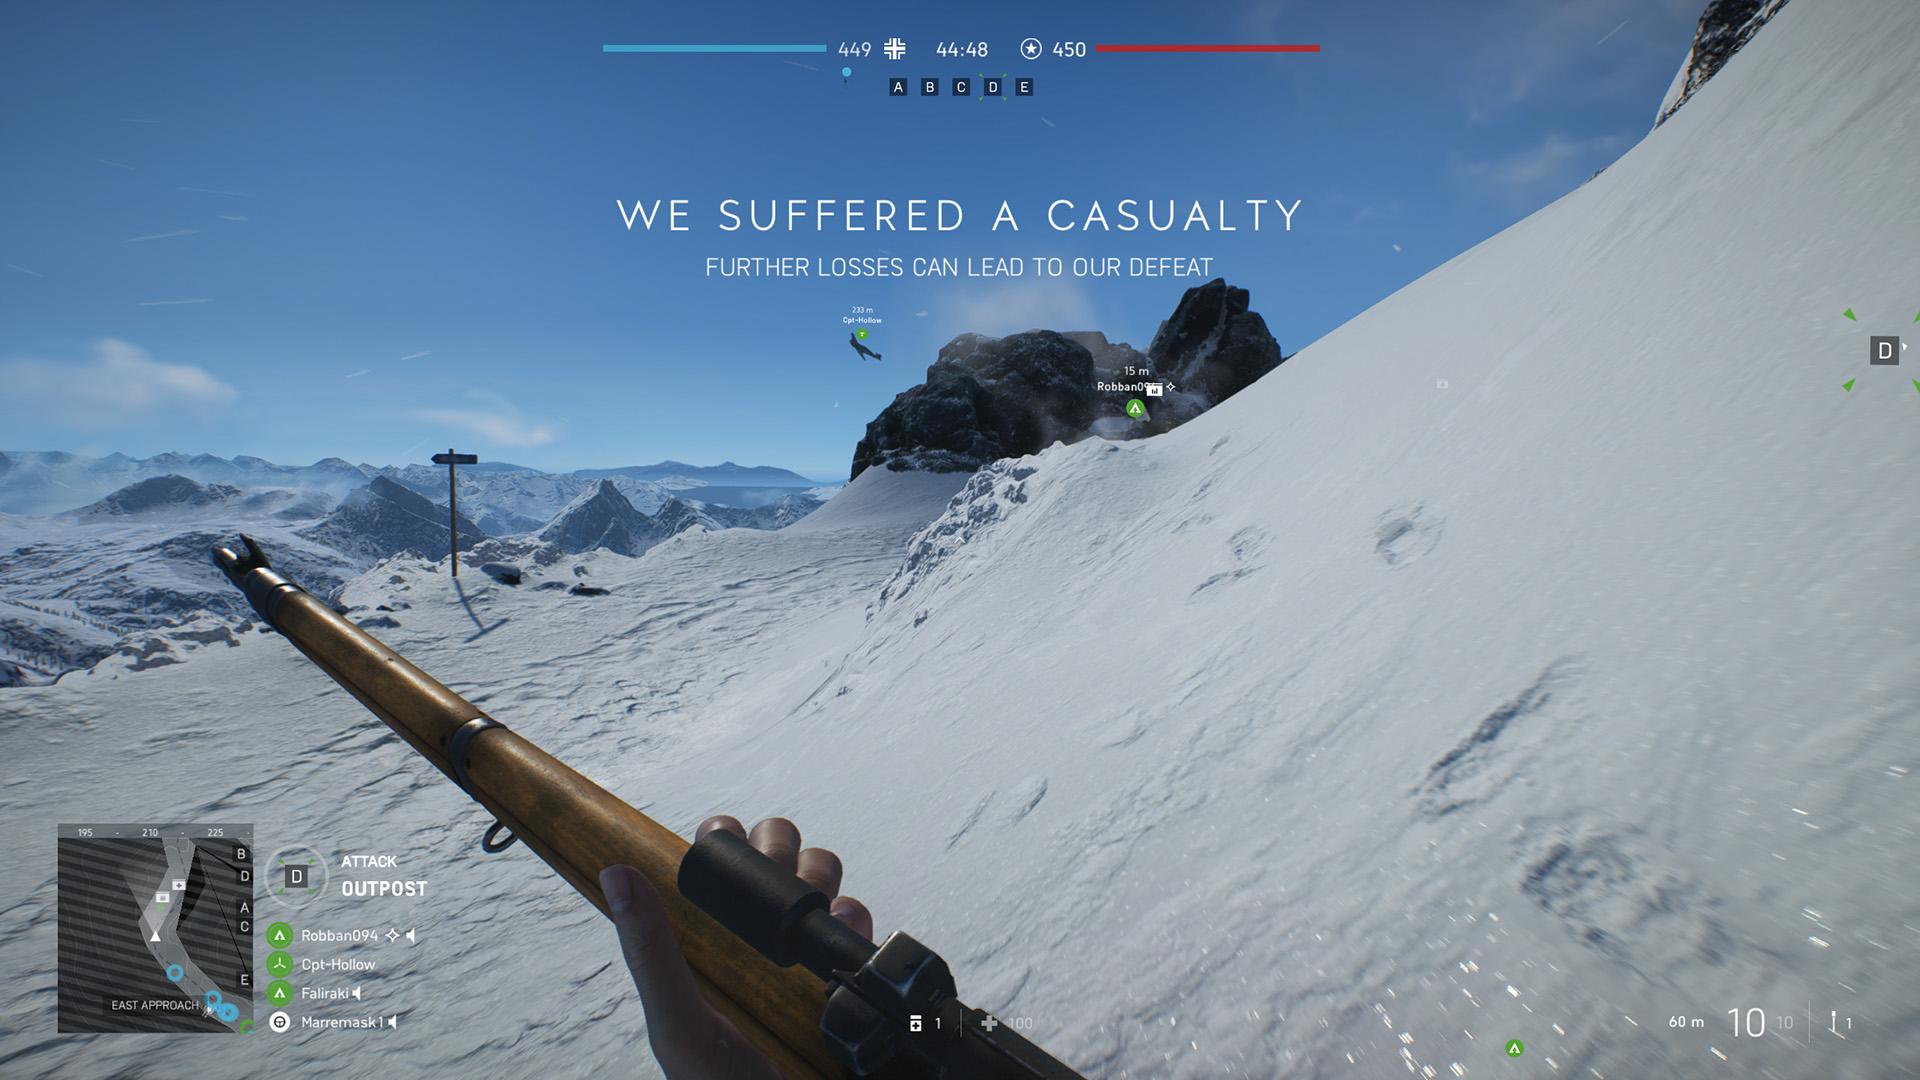 Battlefield V Screenshot 2018_0001_Battlefield V Screenshot 2018.11.11 - 20.57.50.82.jpg